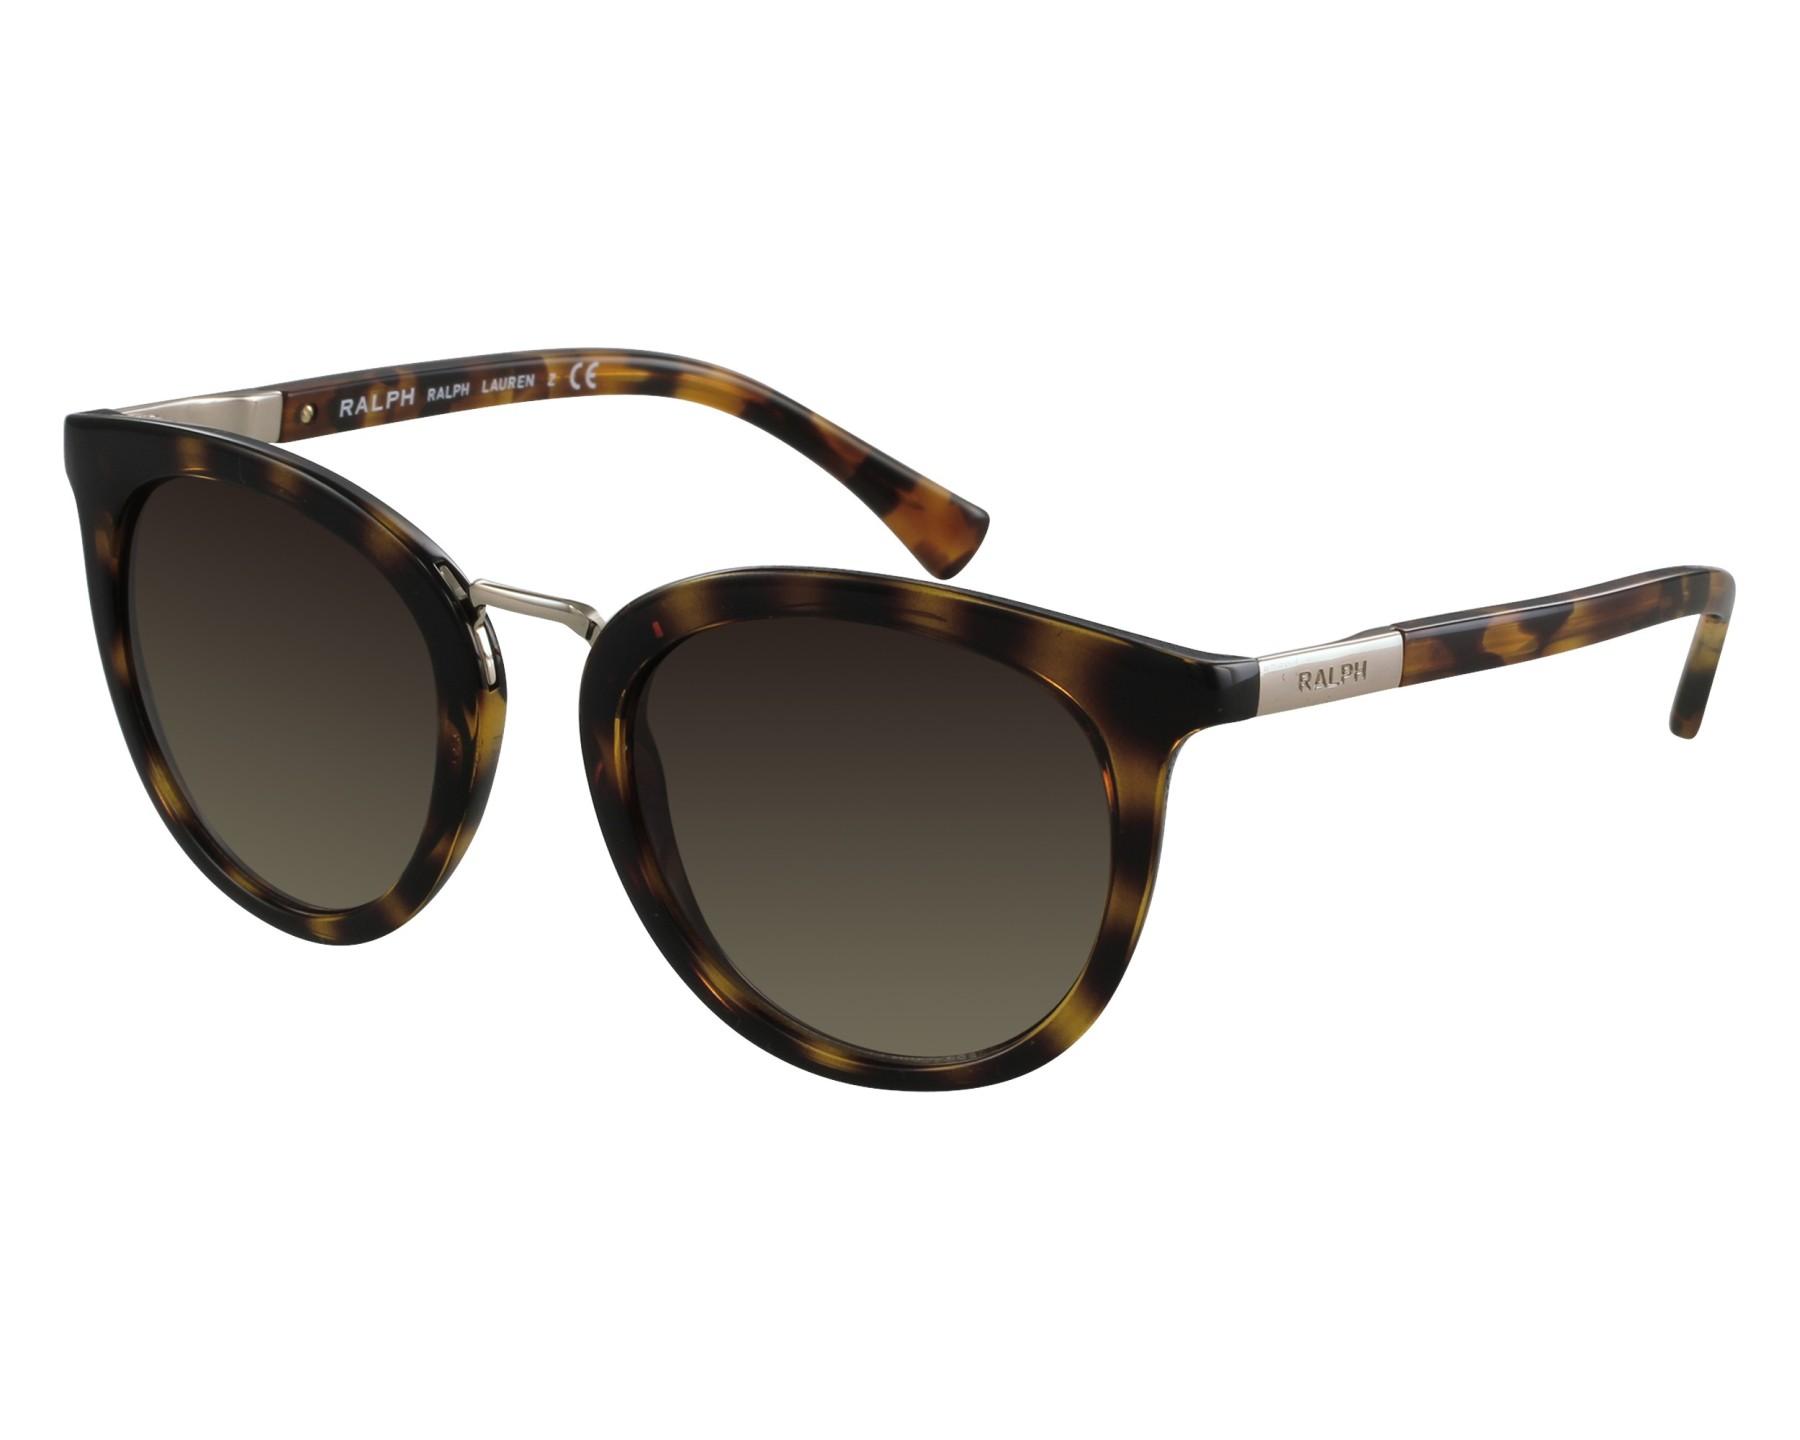 Sunglasses Ralph by Ralph Lauren RA-5207 150613 52-21 Havana front view 840eaca097fe